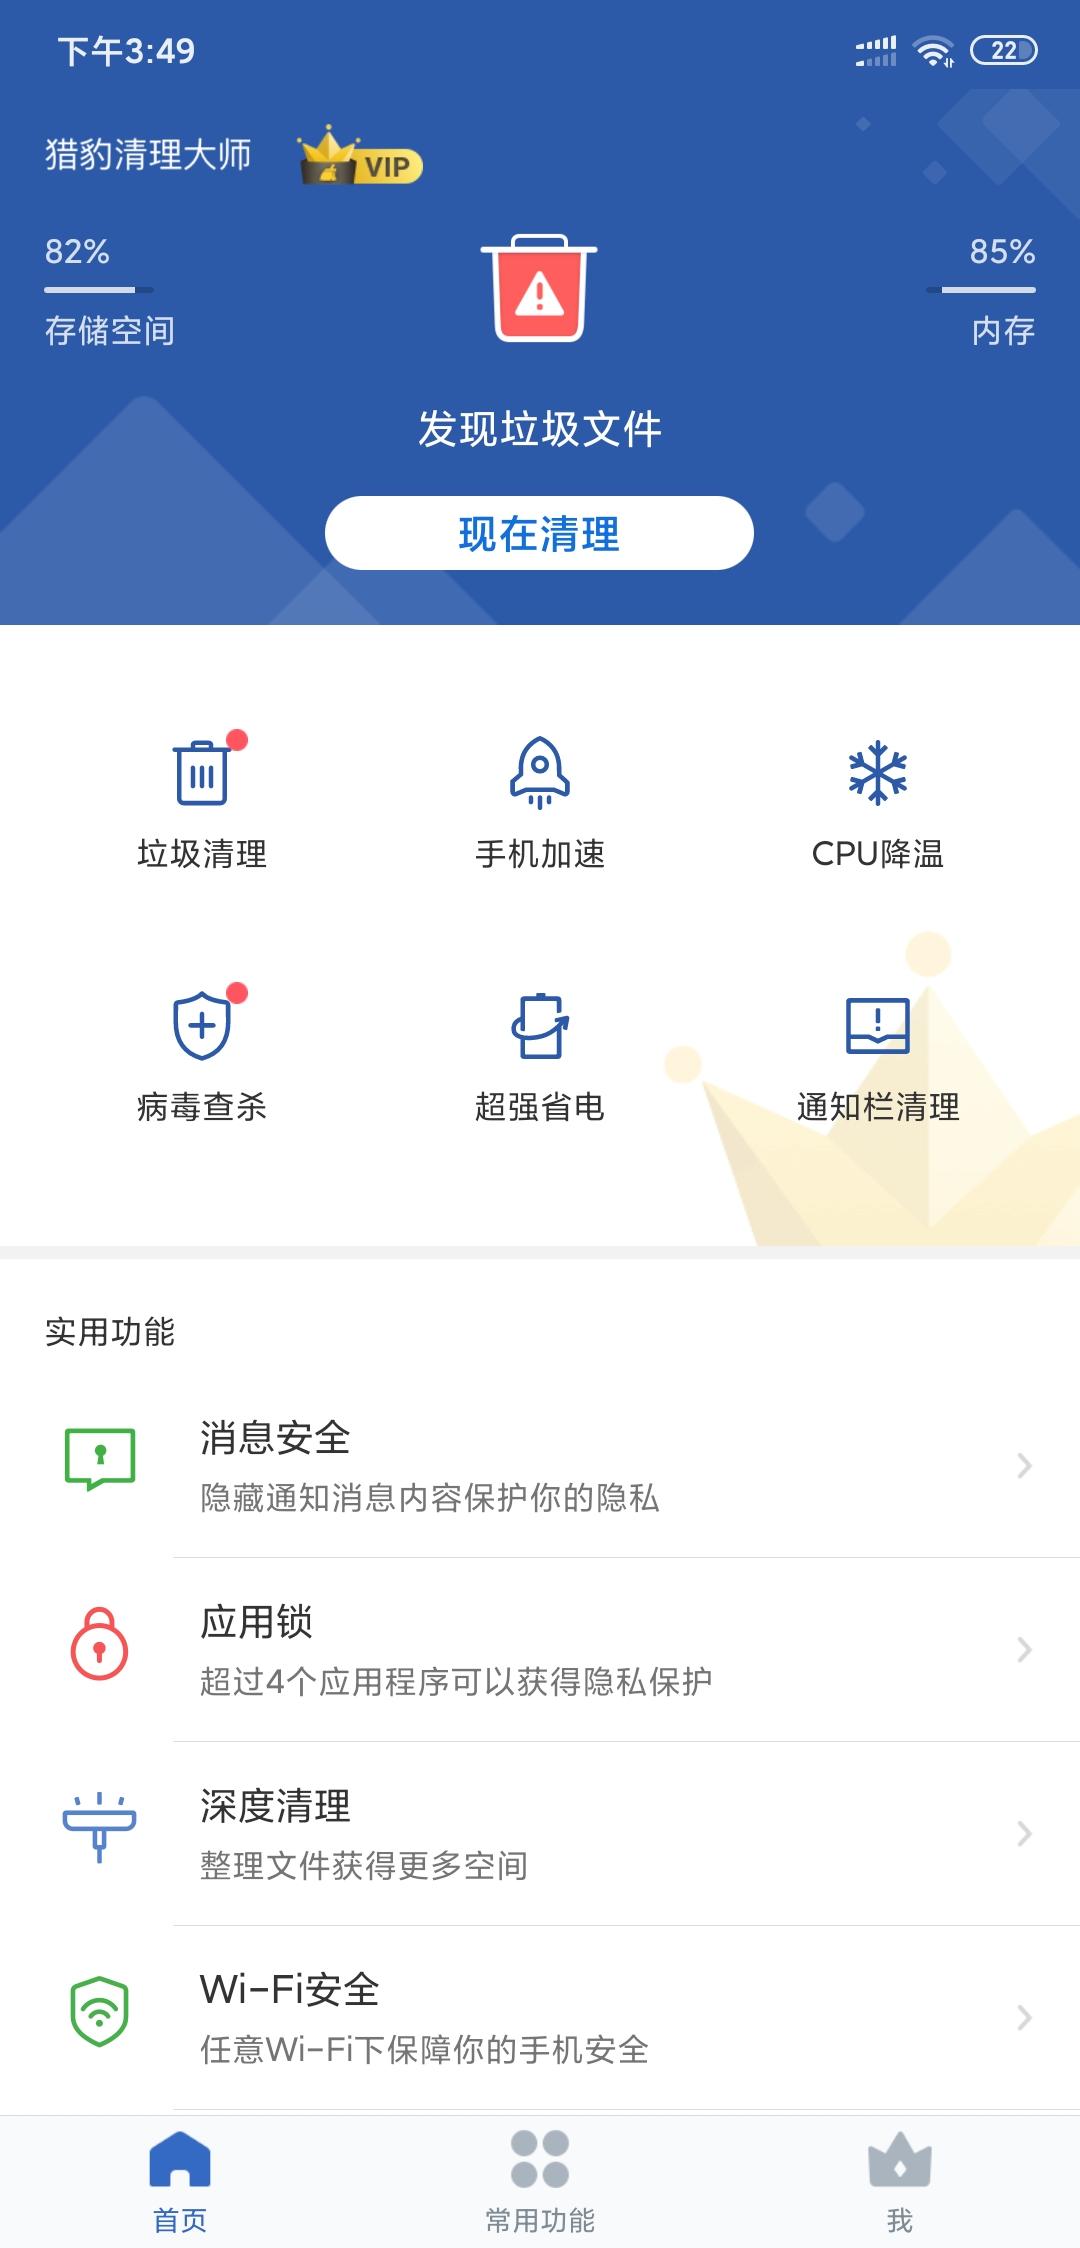 【资源分享】猎豹清理大师国际版7.4.4